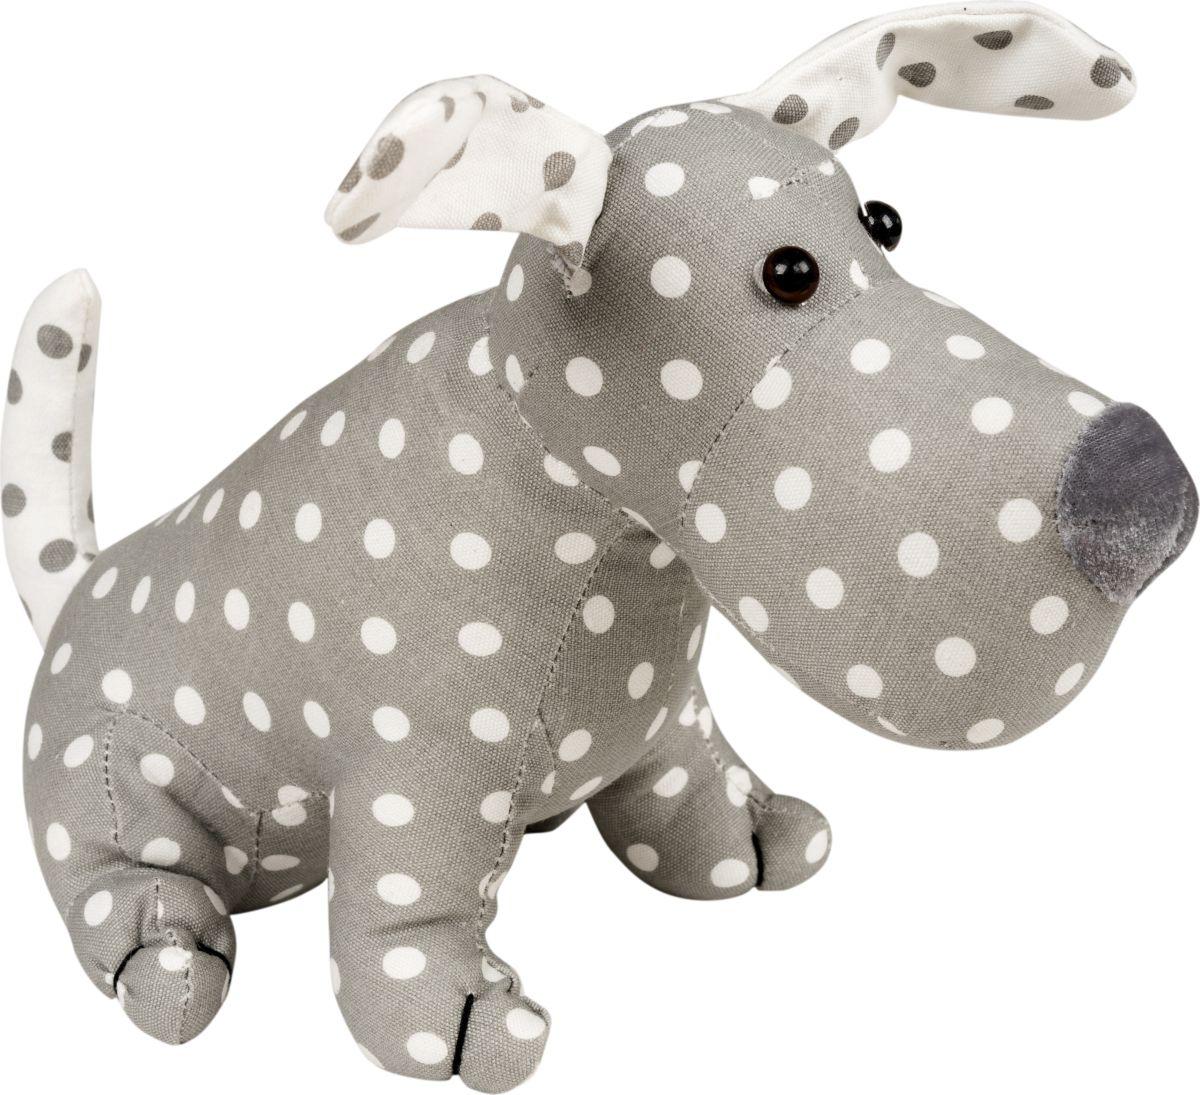 Фигурка-стоппер интерьерная Estro ПесикТ15047Интерьерная игрушка ESTRO ручной работы - это тепло, подаренное мастером. Песик интерьерный, стоппер